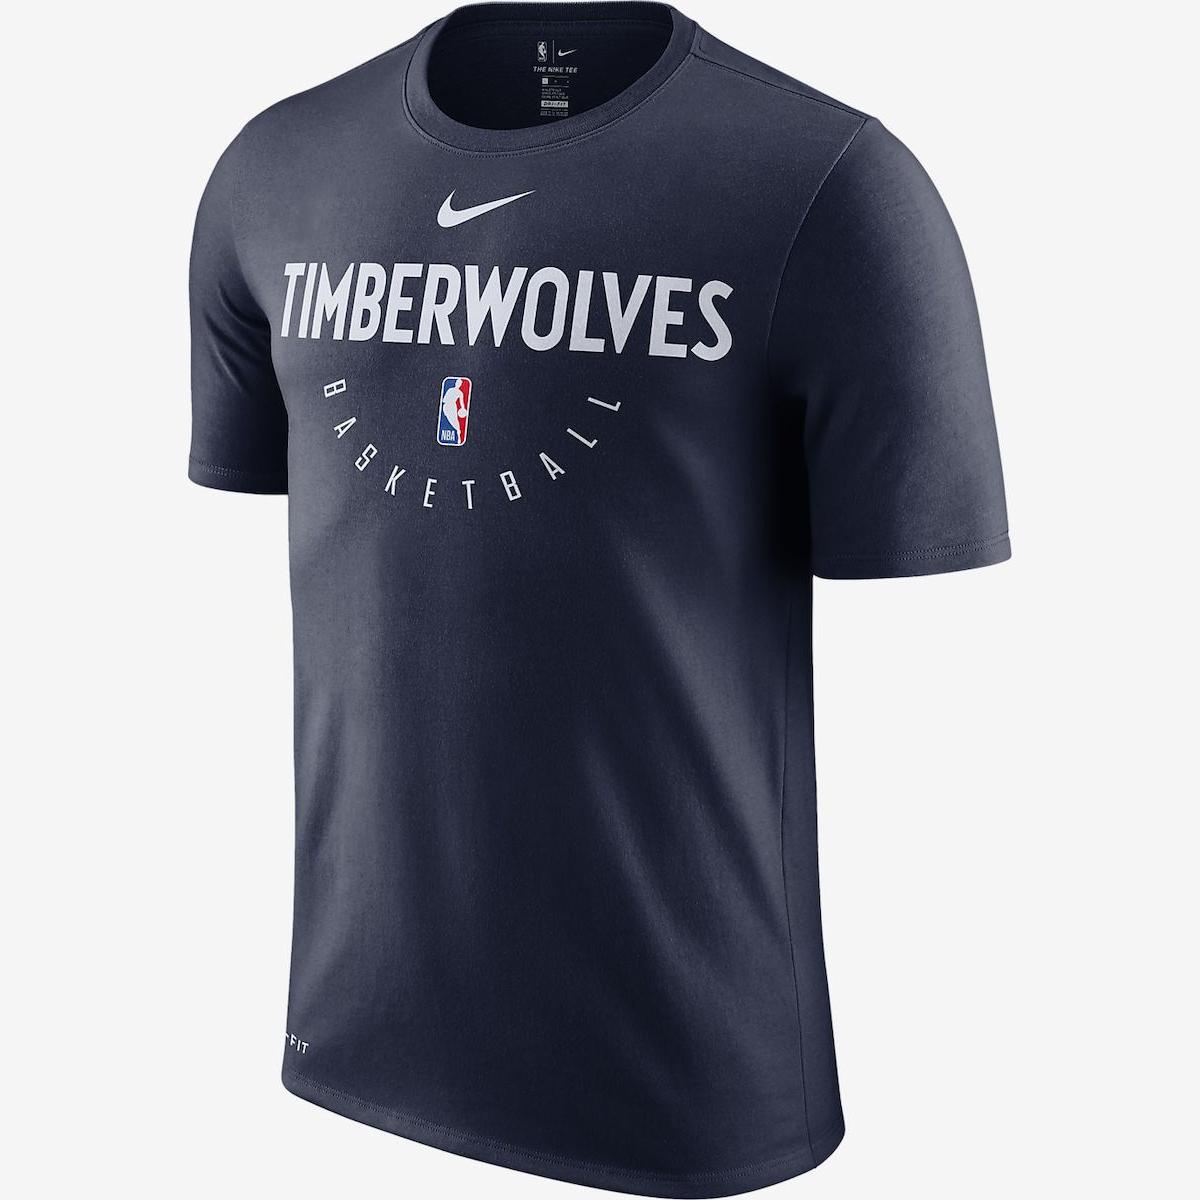 new arrivals 57f91 b15ac Nike NBA Minnesota Timberwolves Dri-FIT Practice Shirt - NBA ...